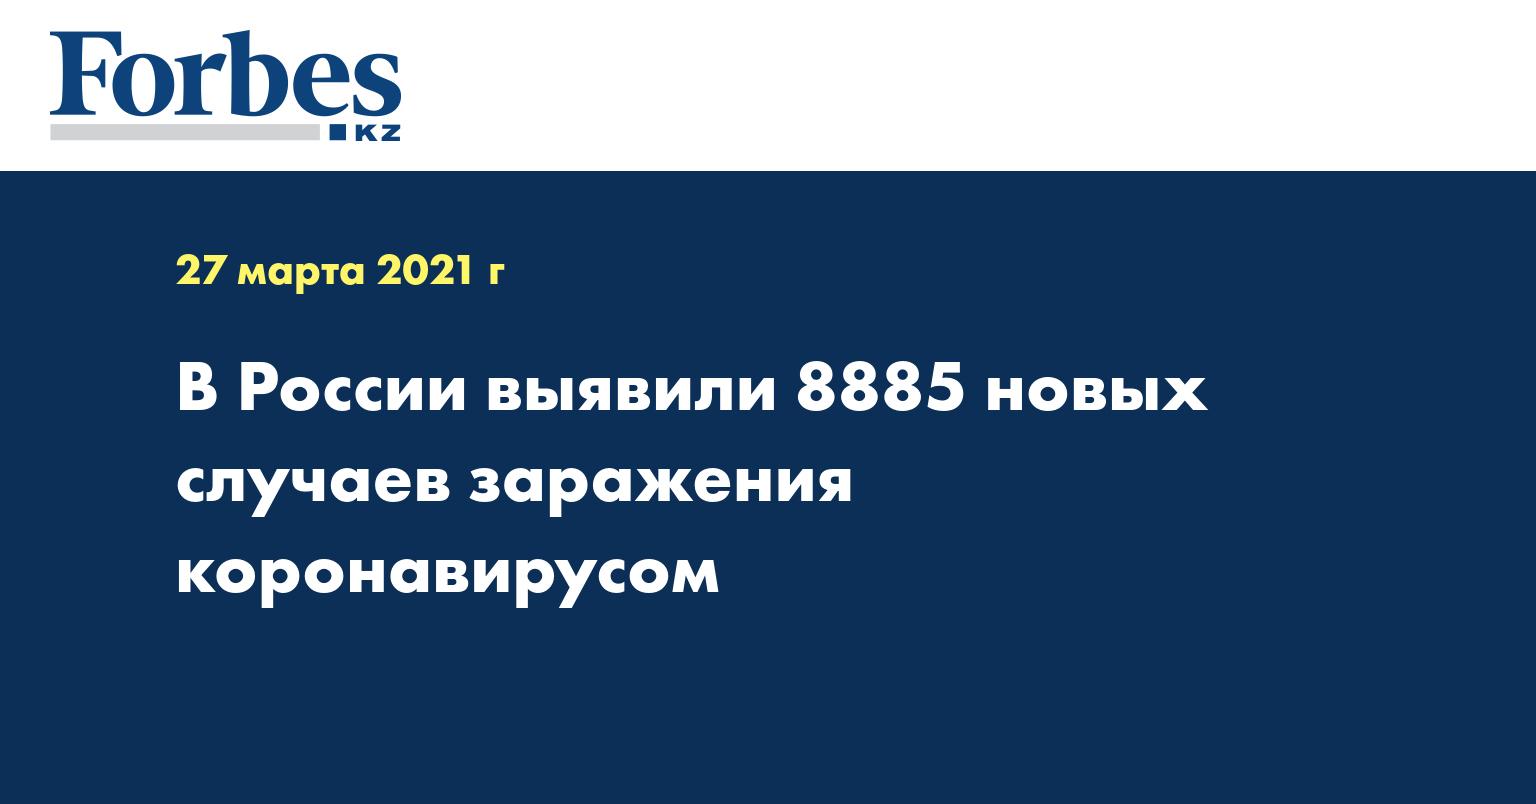 В России выявили 8885 новых случаев заражения коронавирусом